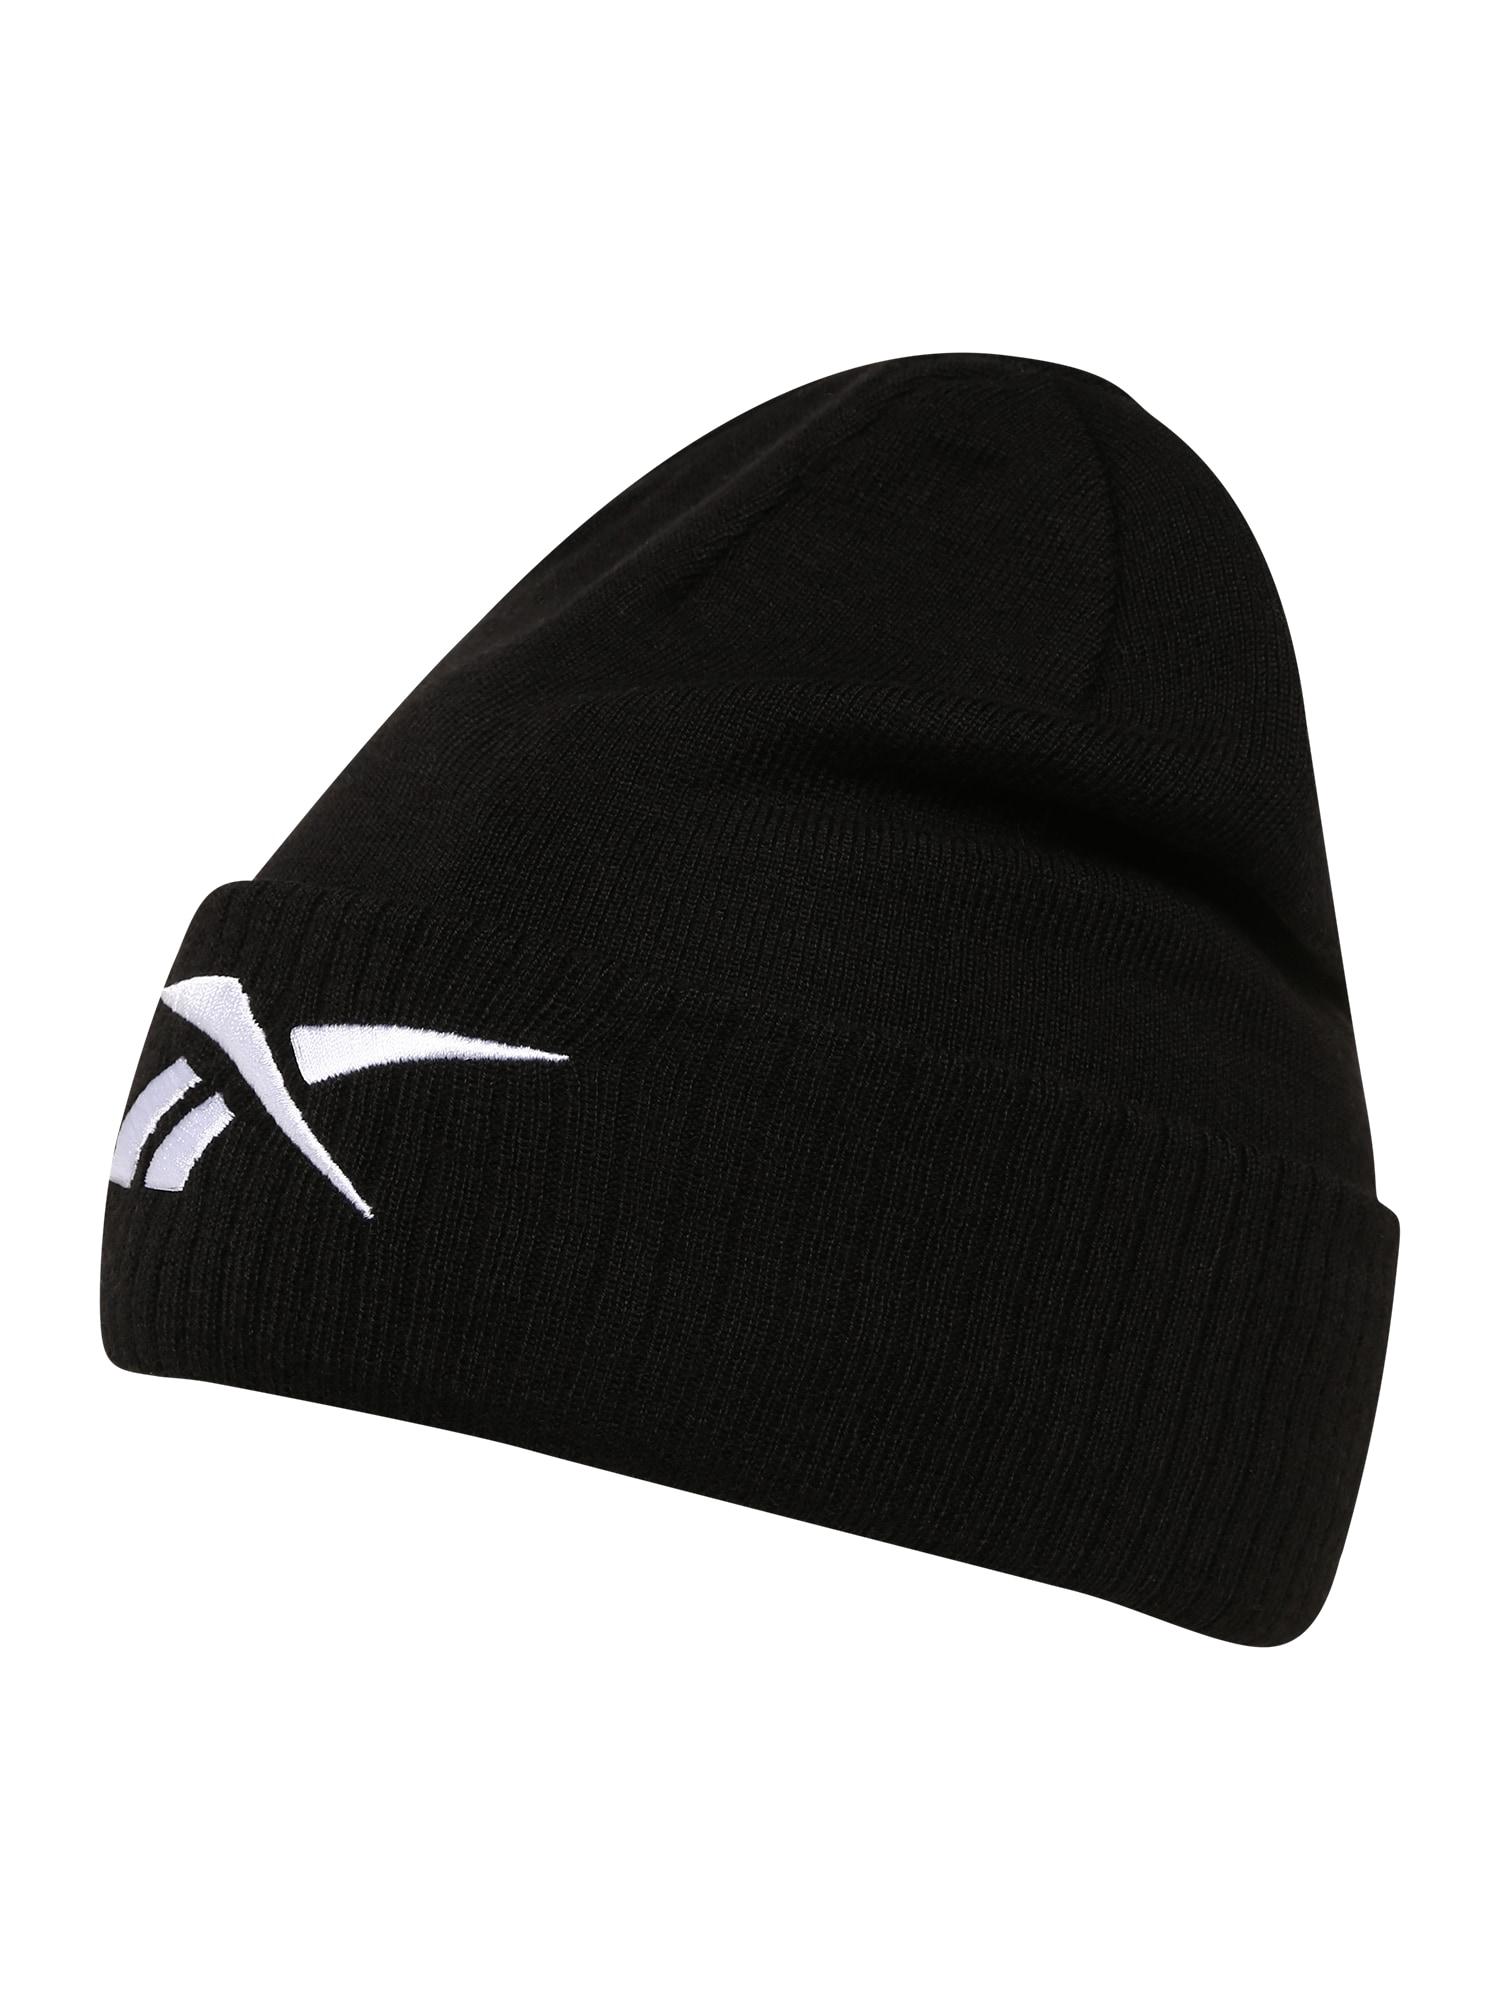 REEBOK Sportinė kepurė balta / juoda